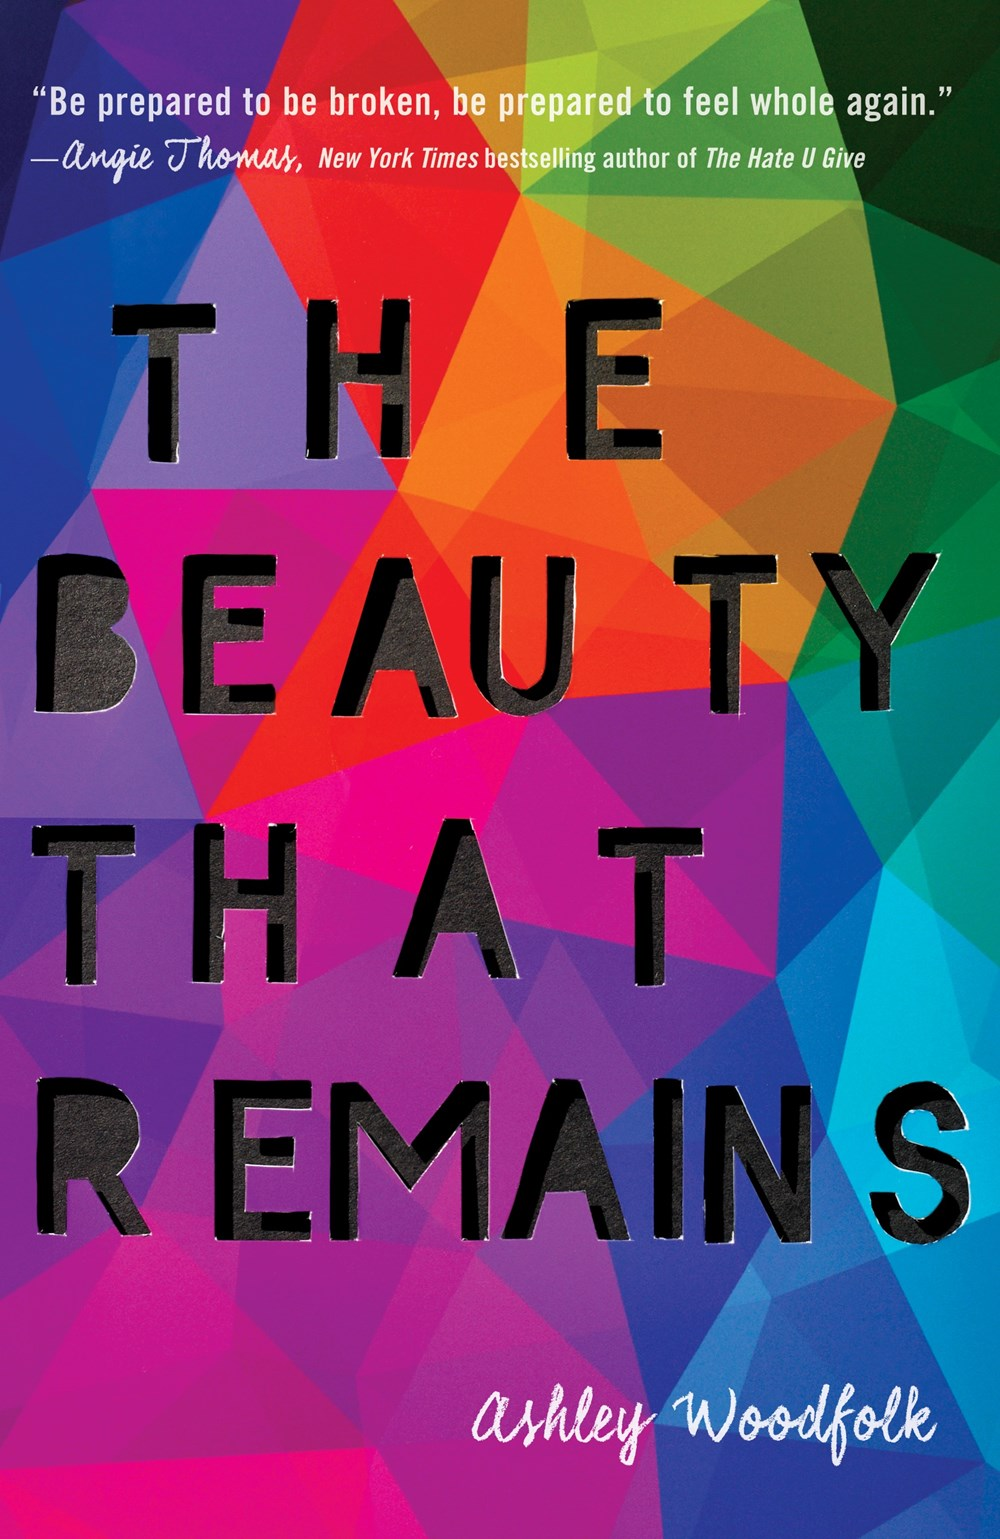 beautyremains.jpg